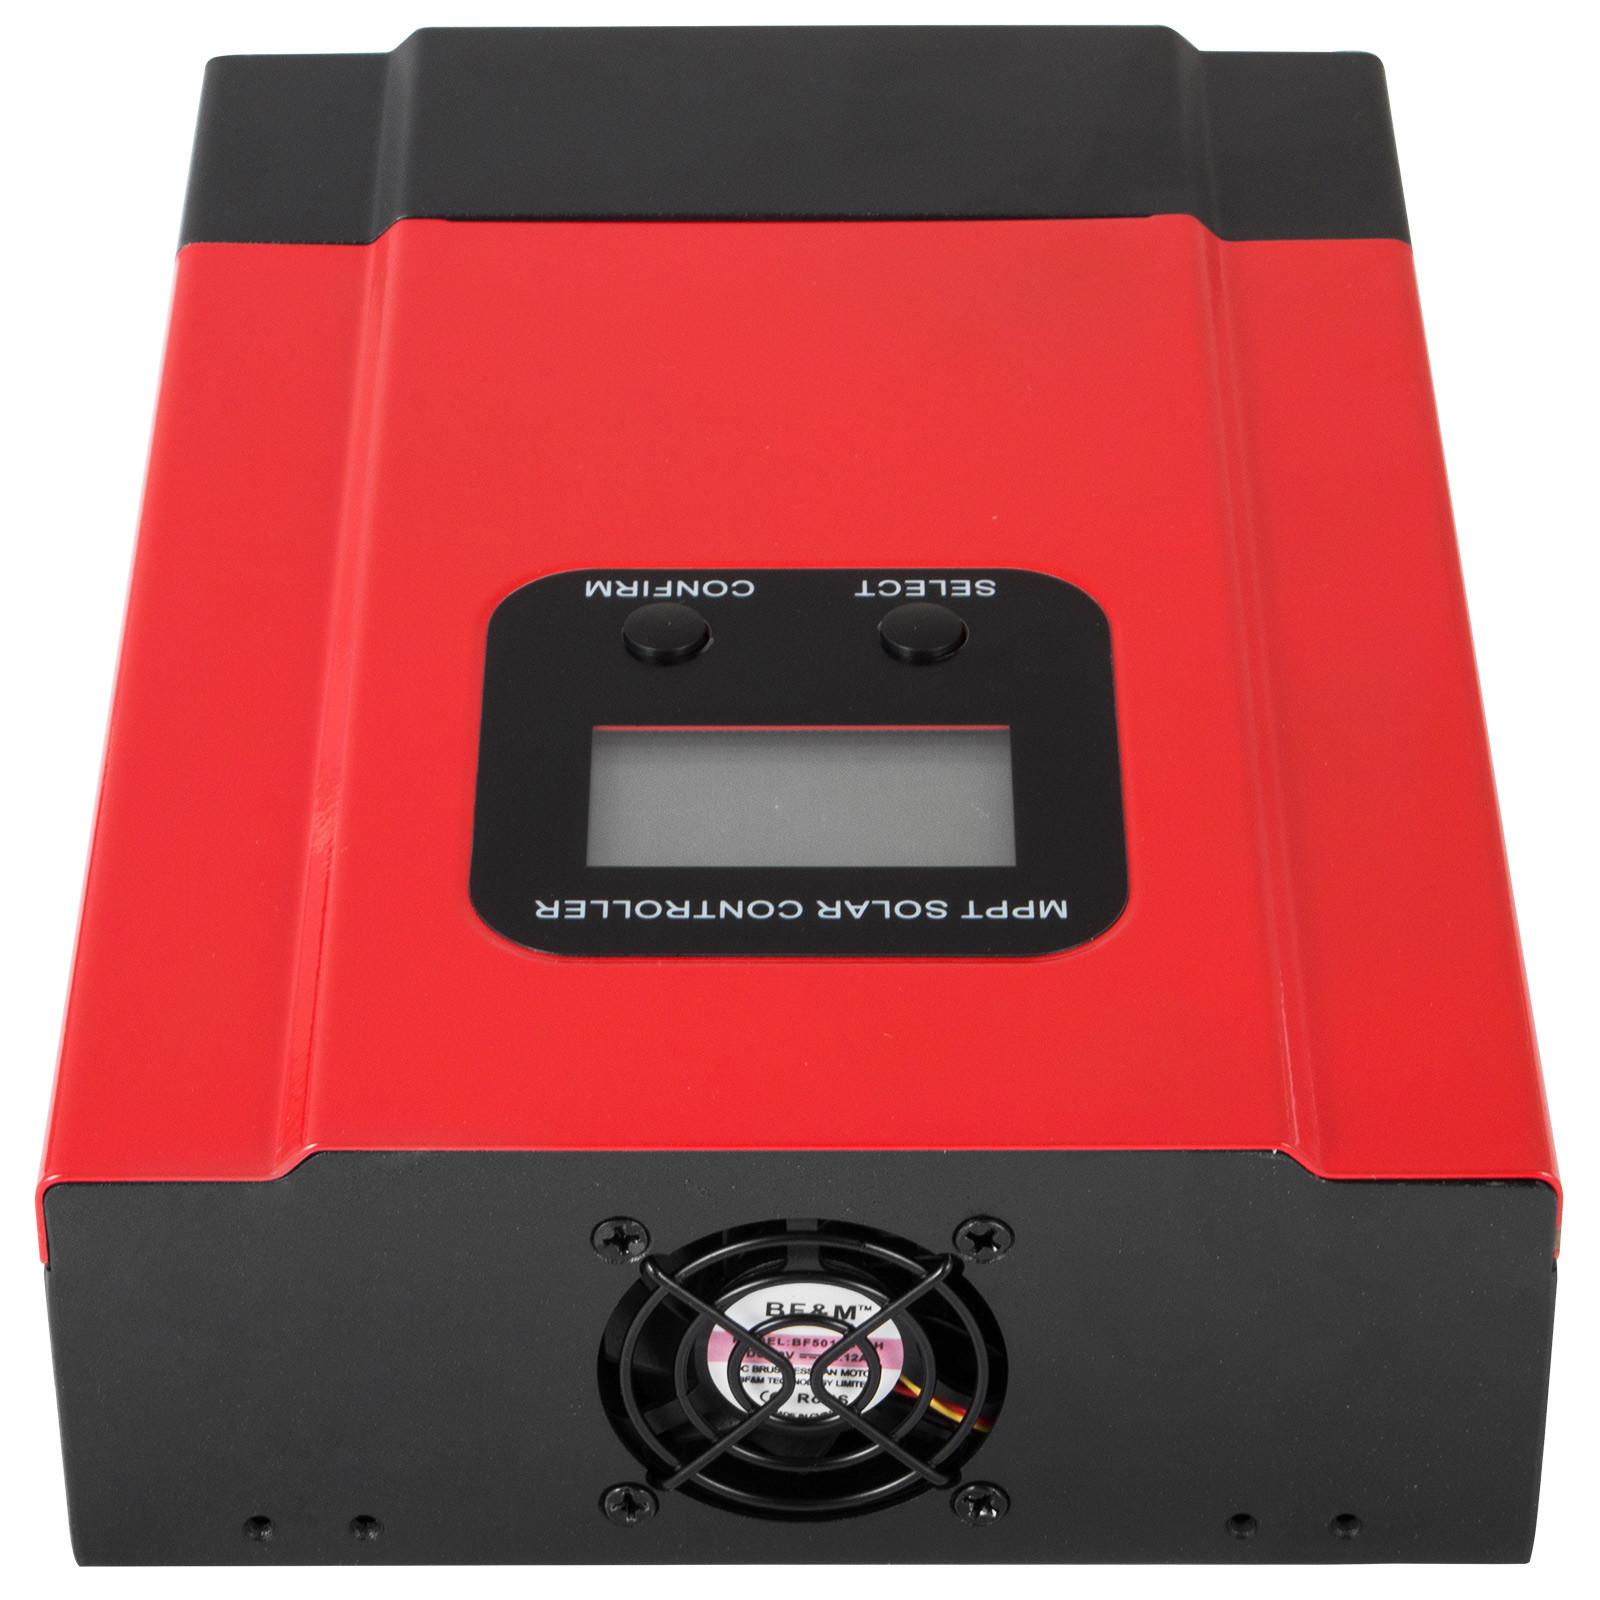 ESMART-3-LCD-40a-50a-60a-12v-24v-36v-48v-MPPT-Solar-Charge-Controller-Regolatore-di-carica miniatura 63